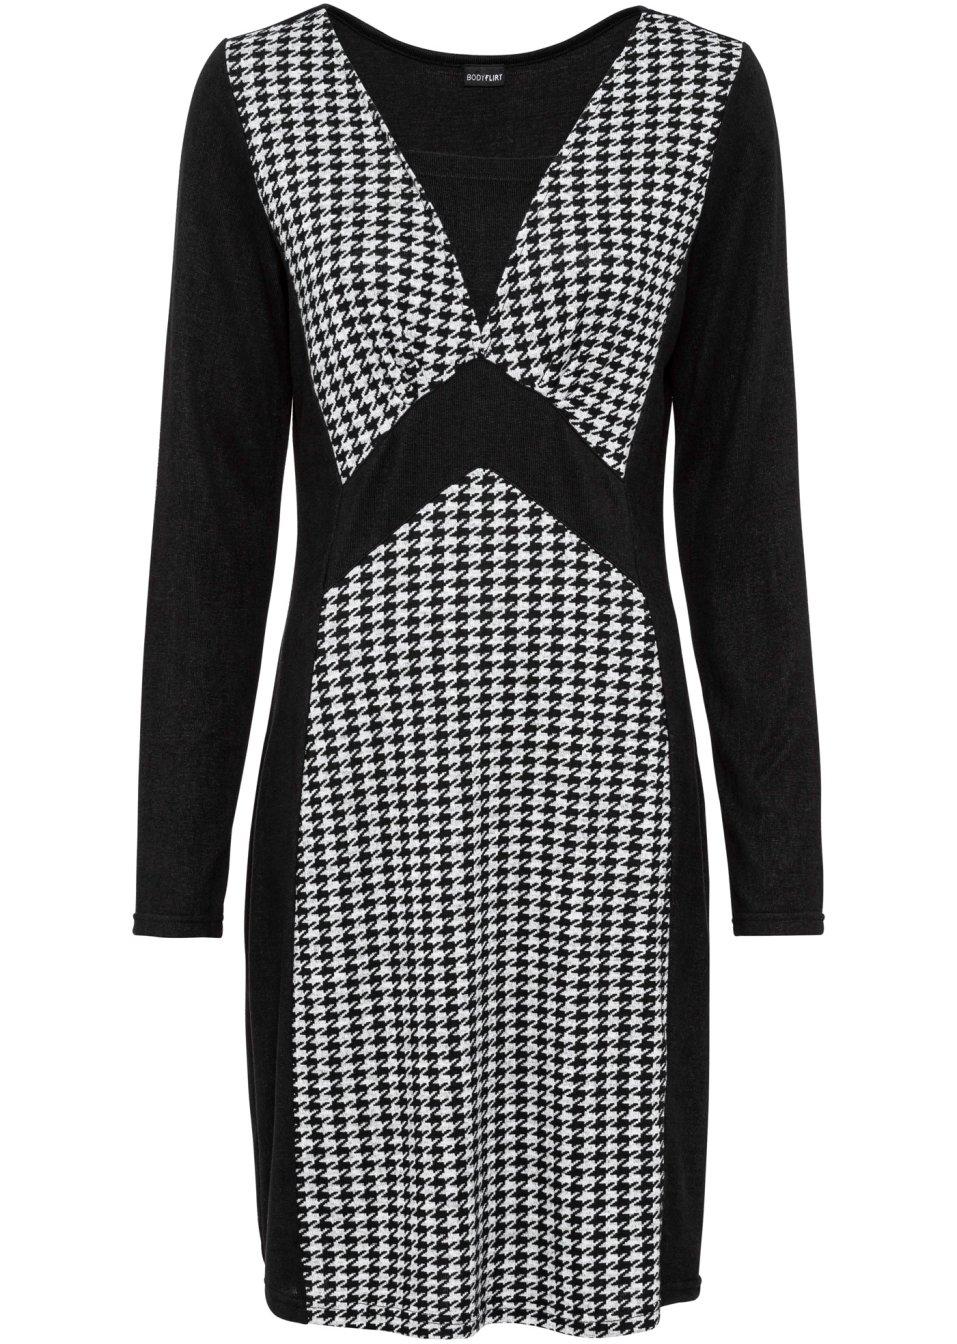 Jerseykleid mit Hahnentritt - schwarz/grau hahnentritt bMIYo 63Fzj